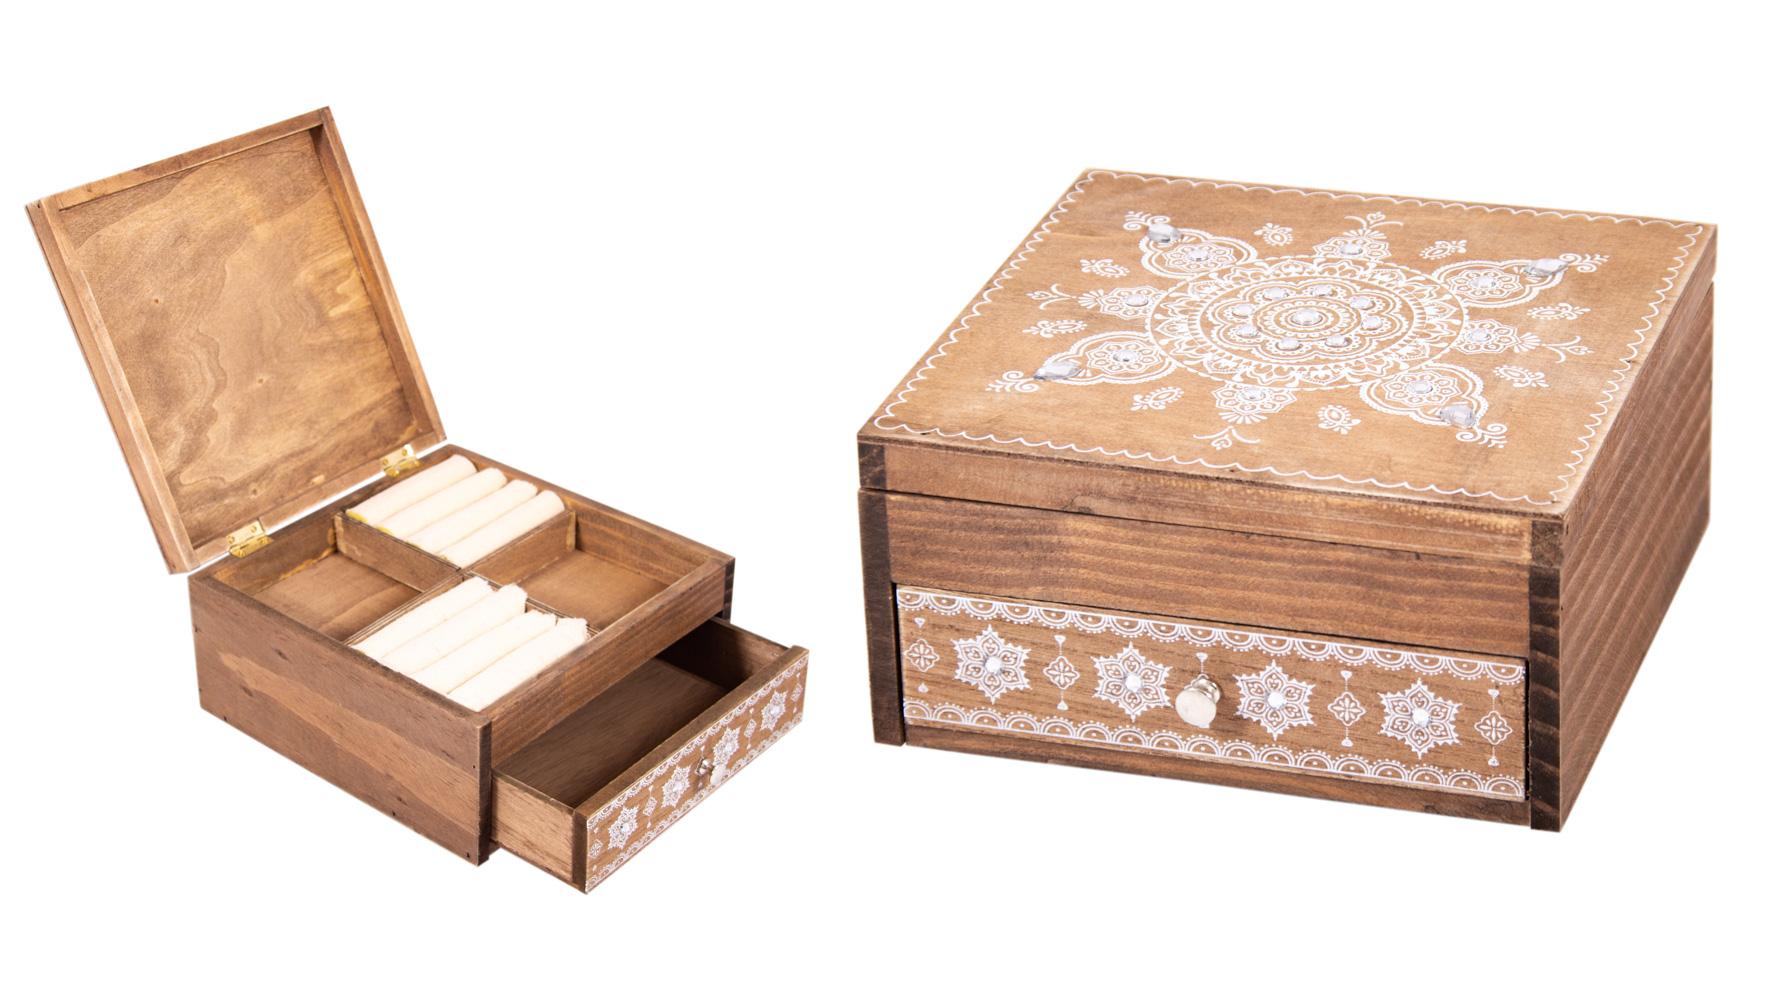 Декор шкатулки: лучшие варианты оформления шкатулок для подарка (85 фото)